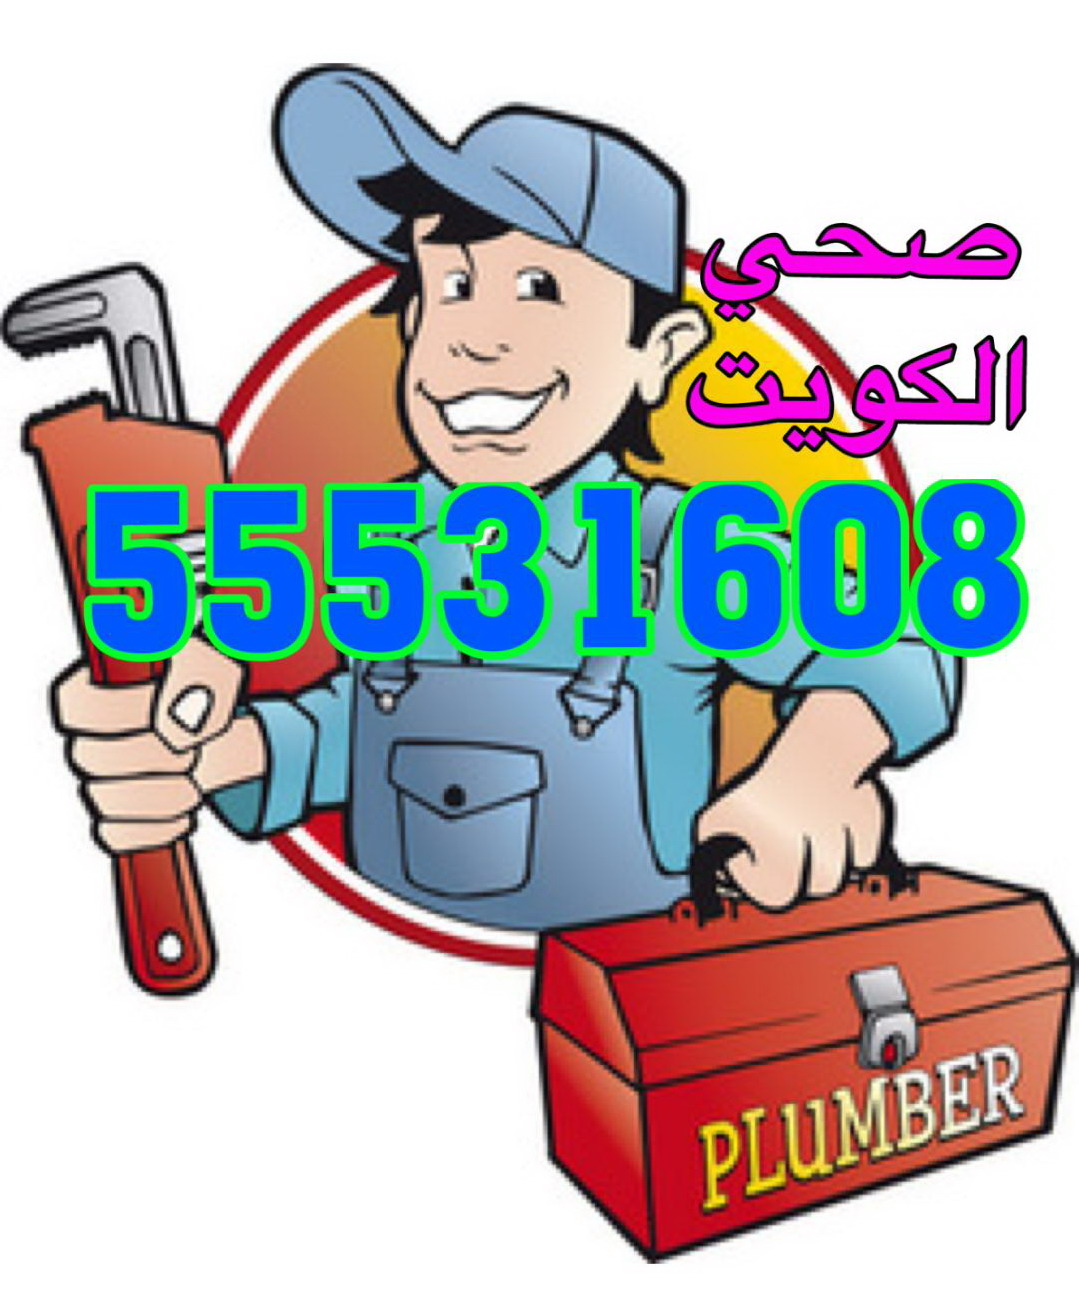 فني صحي الكويت 55531608